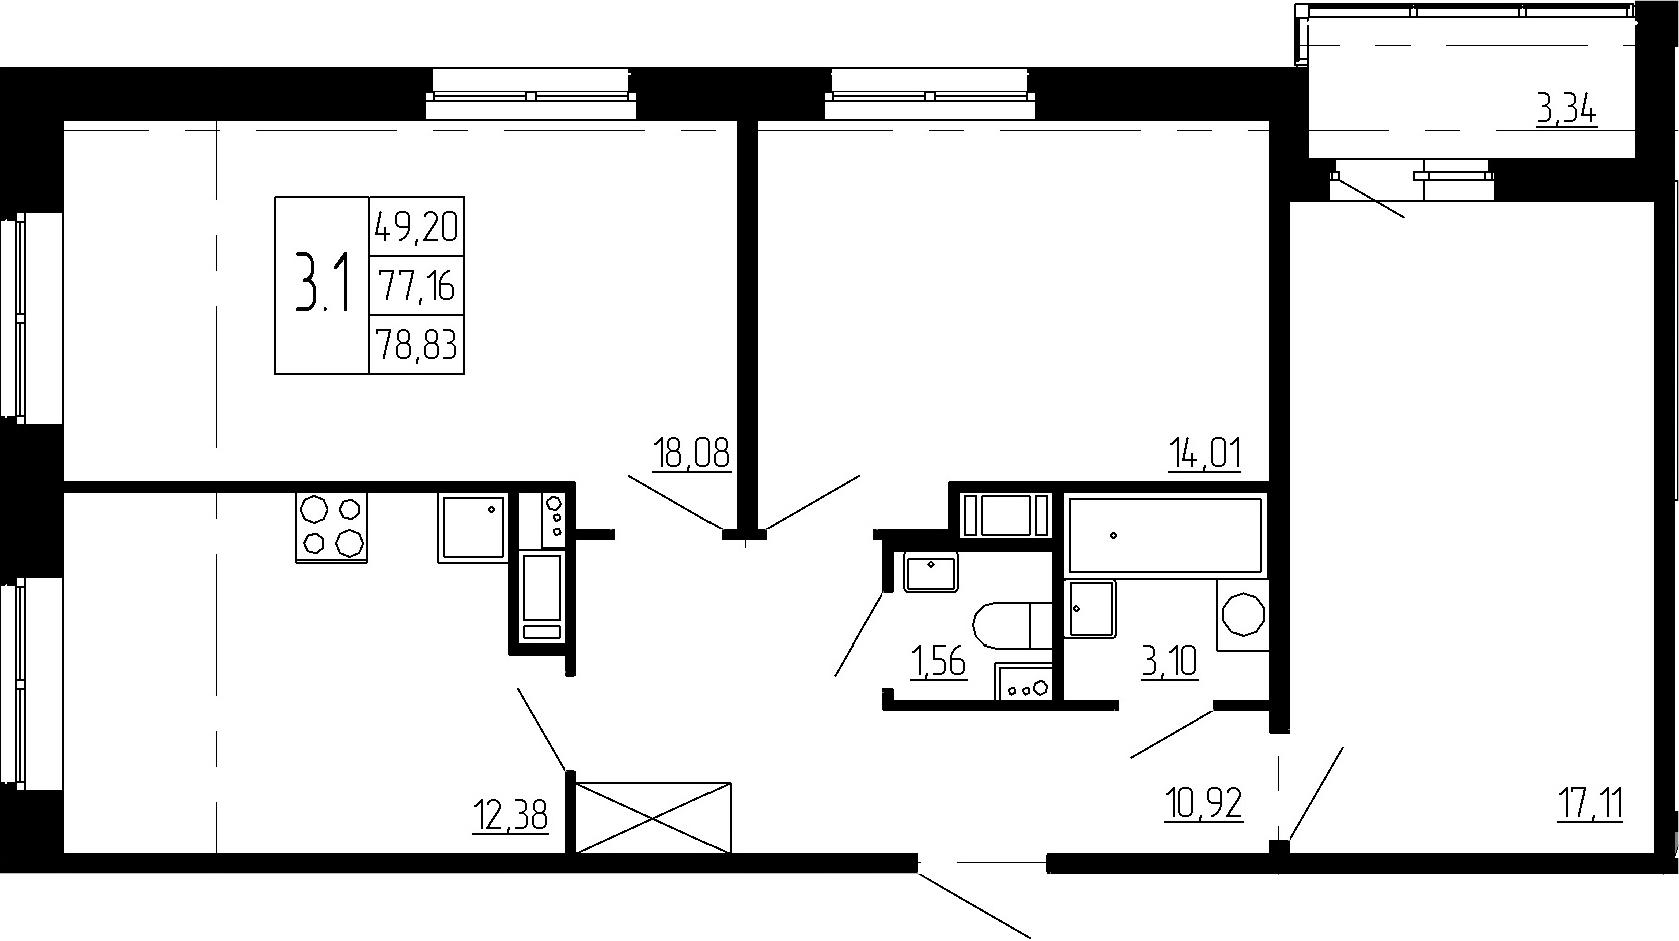 3-к.кв, 77.16 м²